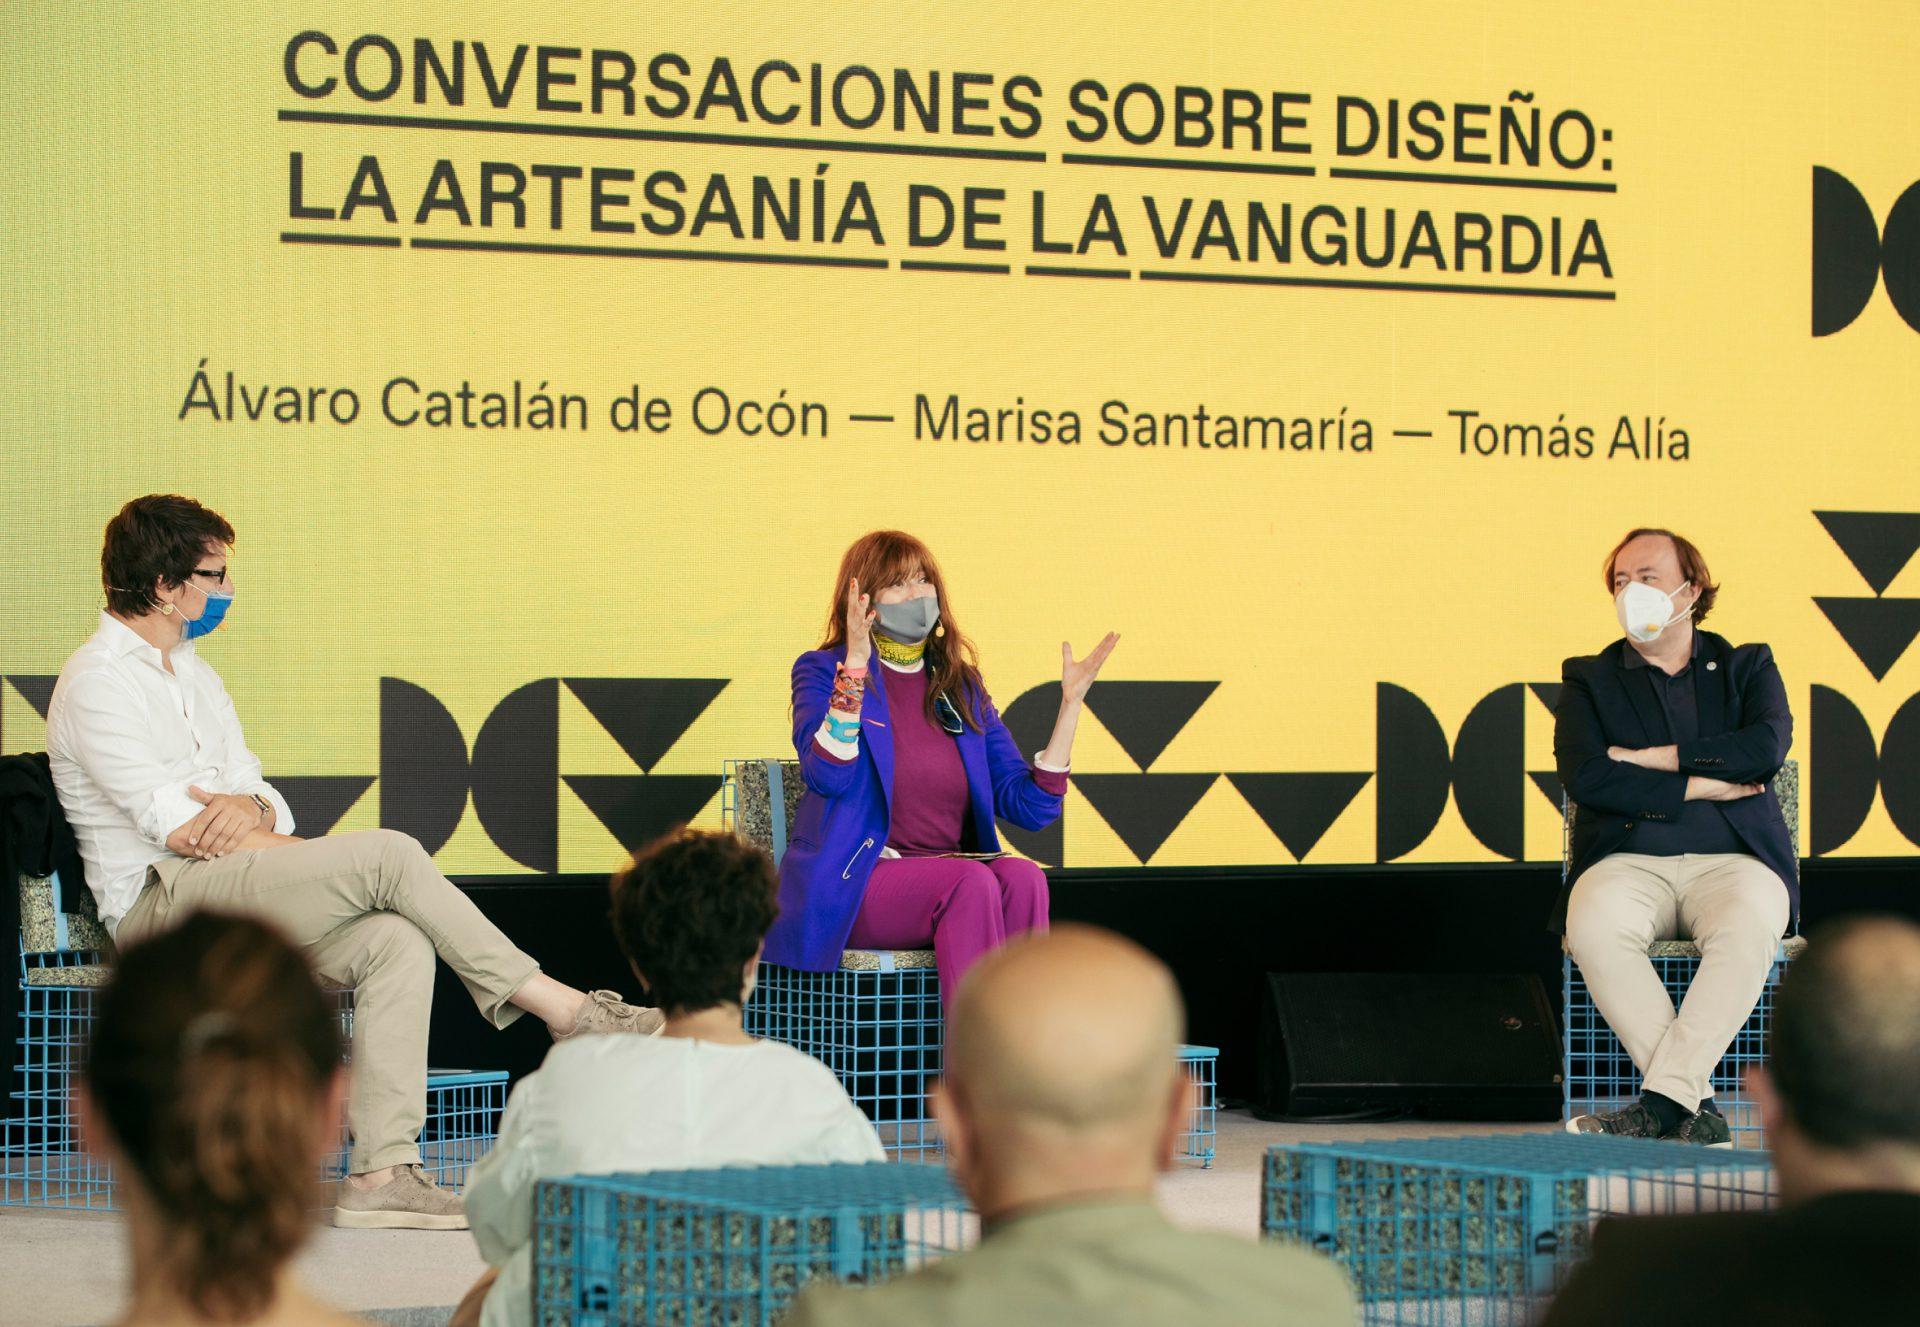 MESA REDONDA. La Artesanía de la Vanguardia